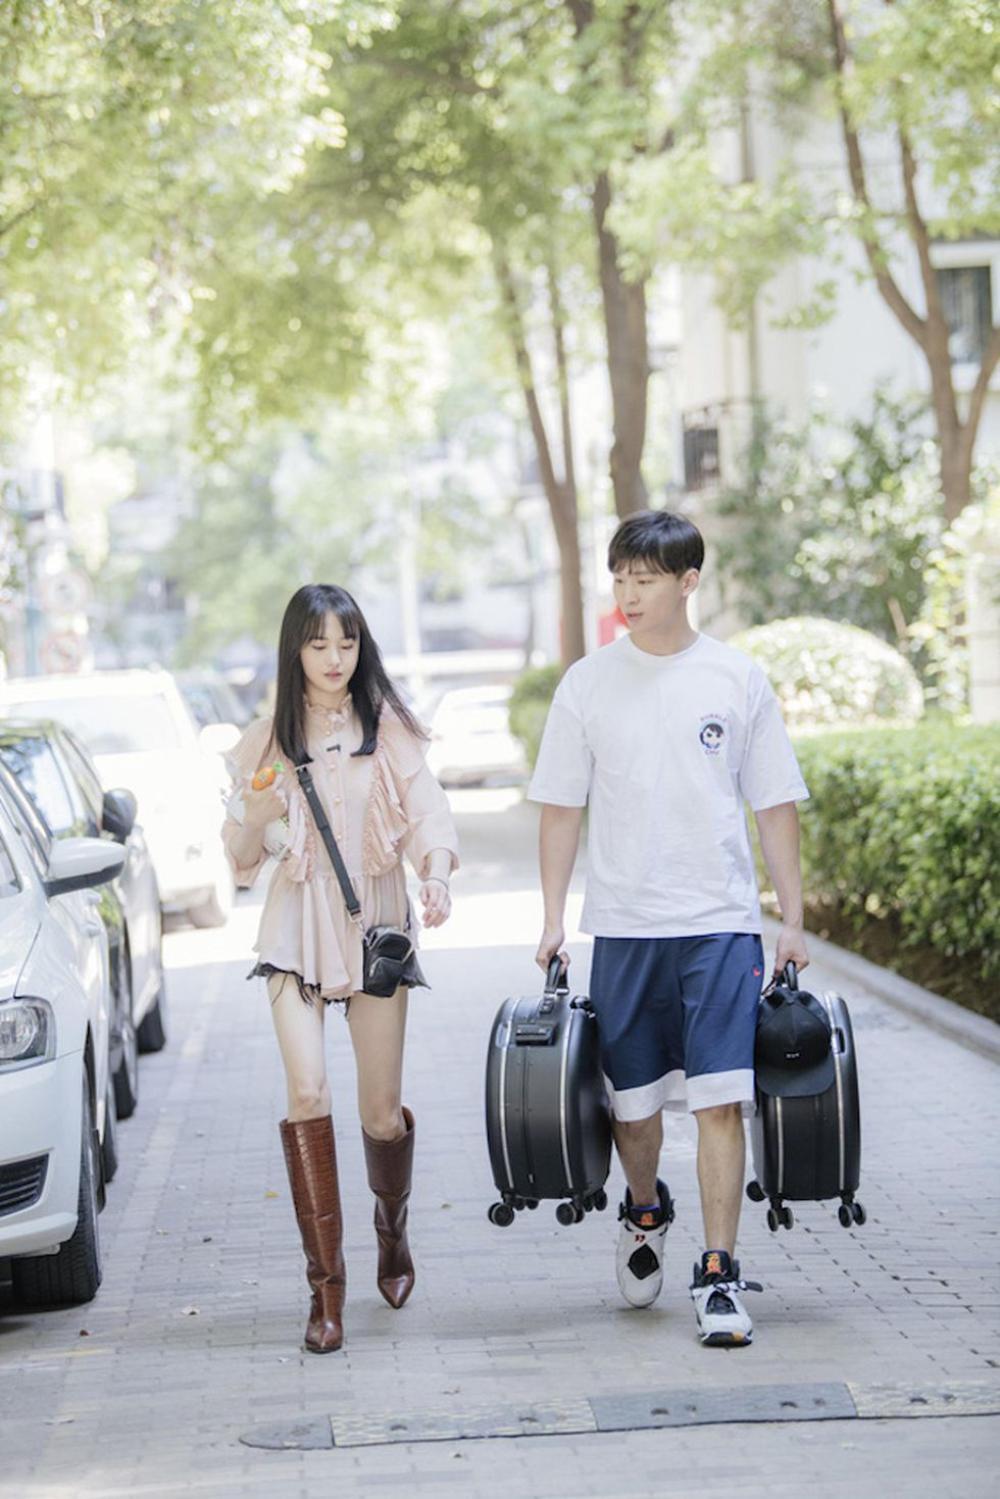 Bố Trương Hằng lên tiếng: 'Nhà Trịnh Sảng không chỉ 1-2 lần muốn bỏ con, còn đòi bồi thường 130 tỷ' Ảnh 5